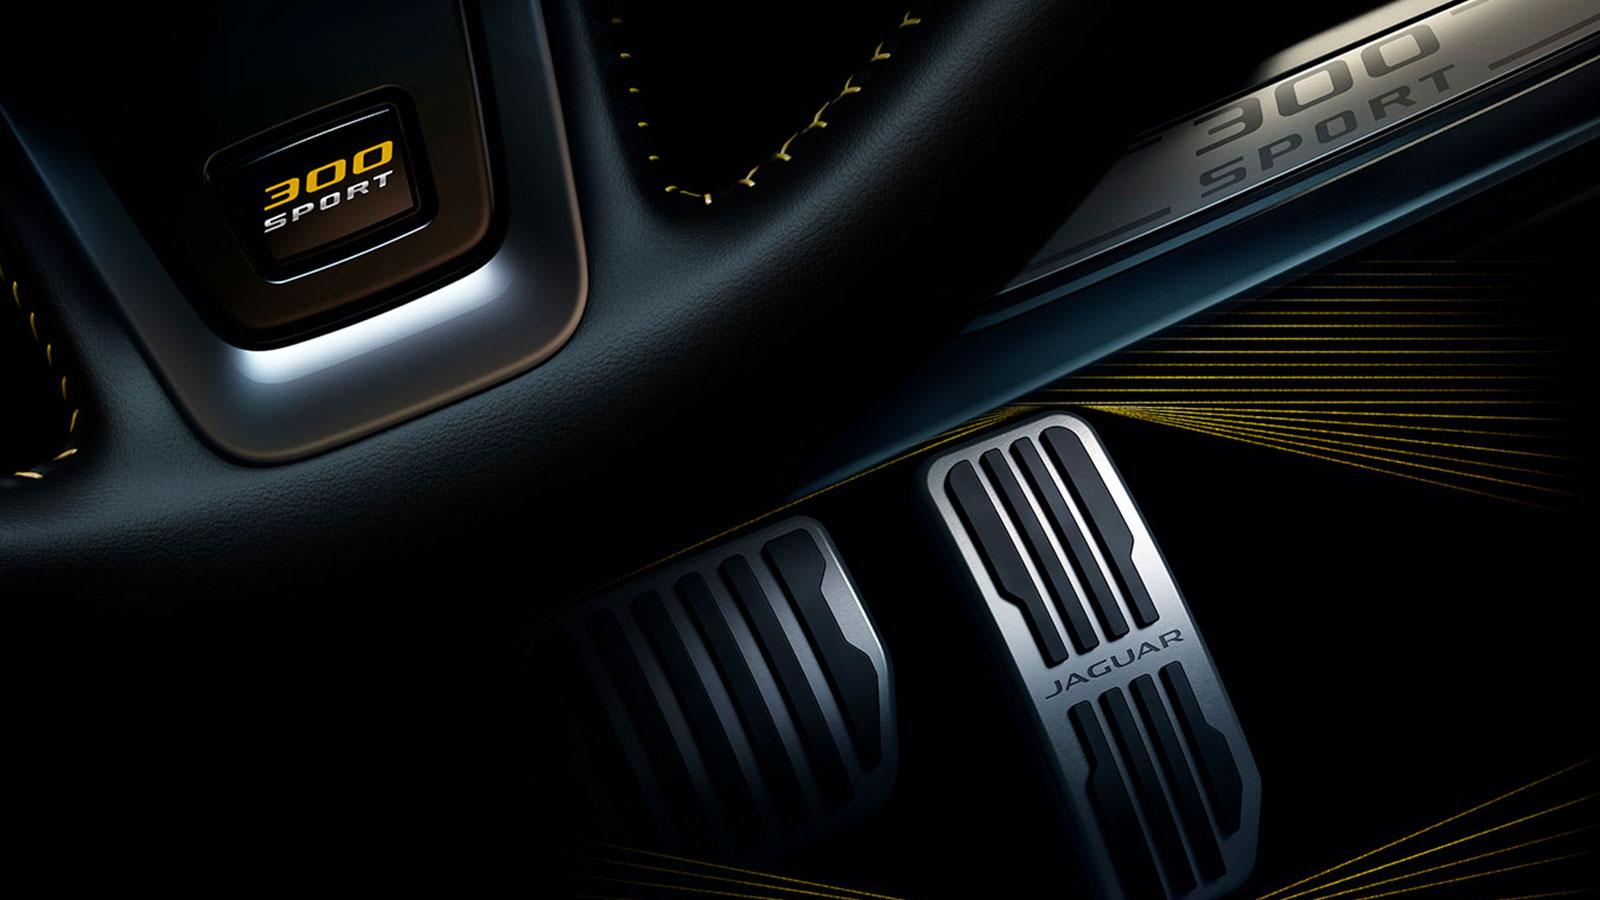 Jaguar XE 2.0 S image 16